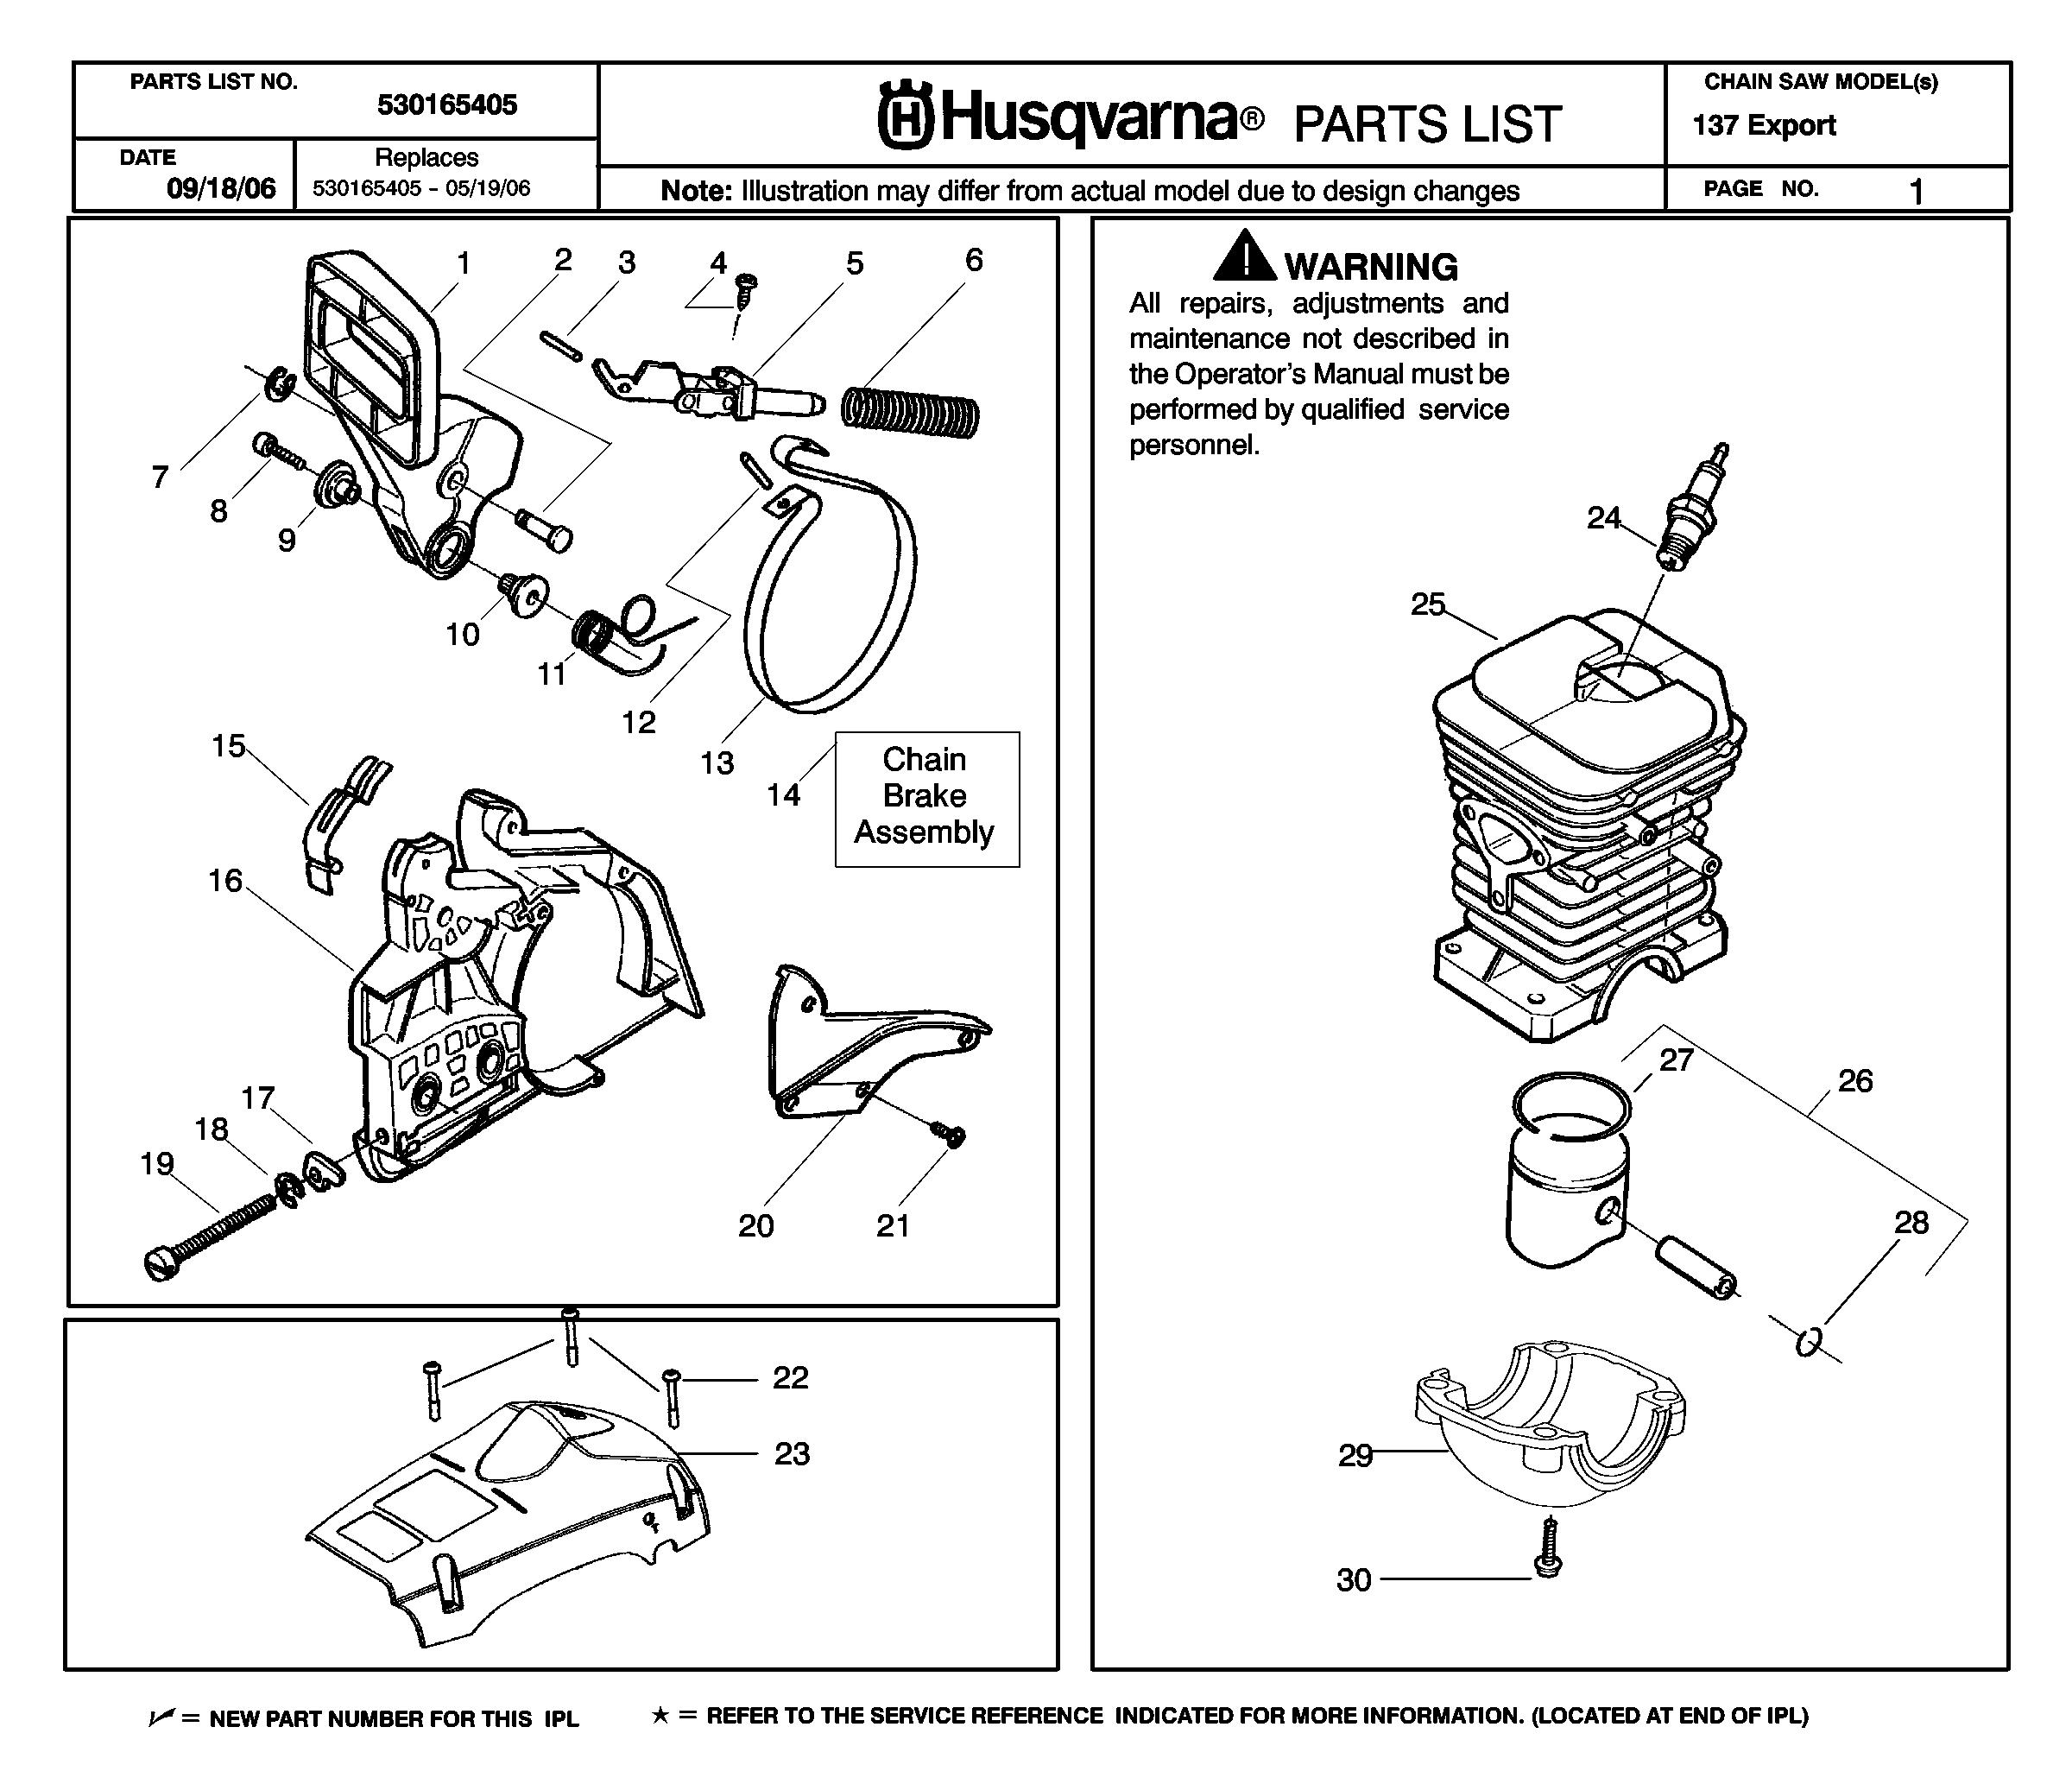 Ремонт тормоза бензопилы хускварна 142 своими руками 85